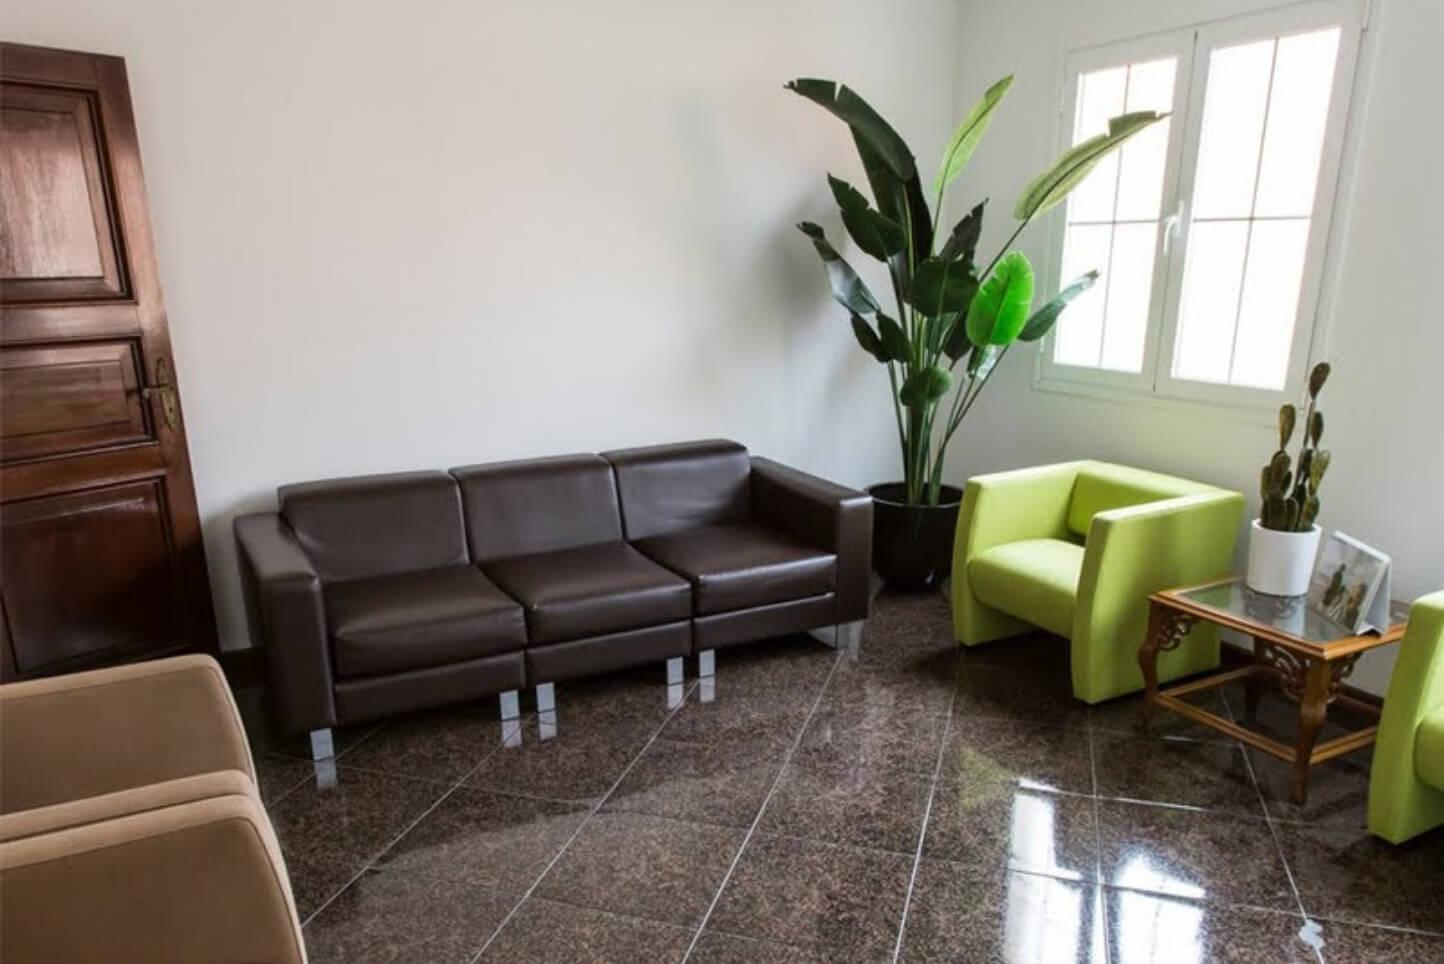 clinica-dental-tomas-molina-instalaciones7